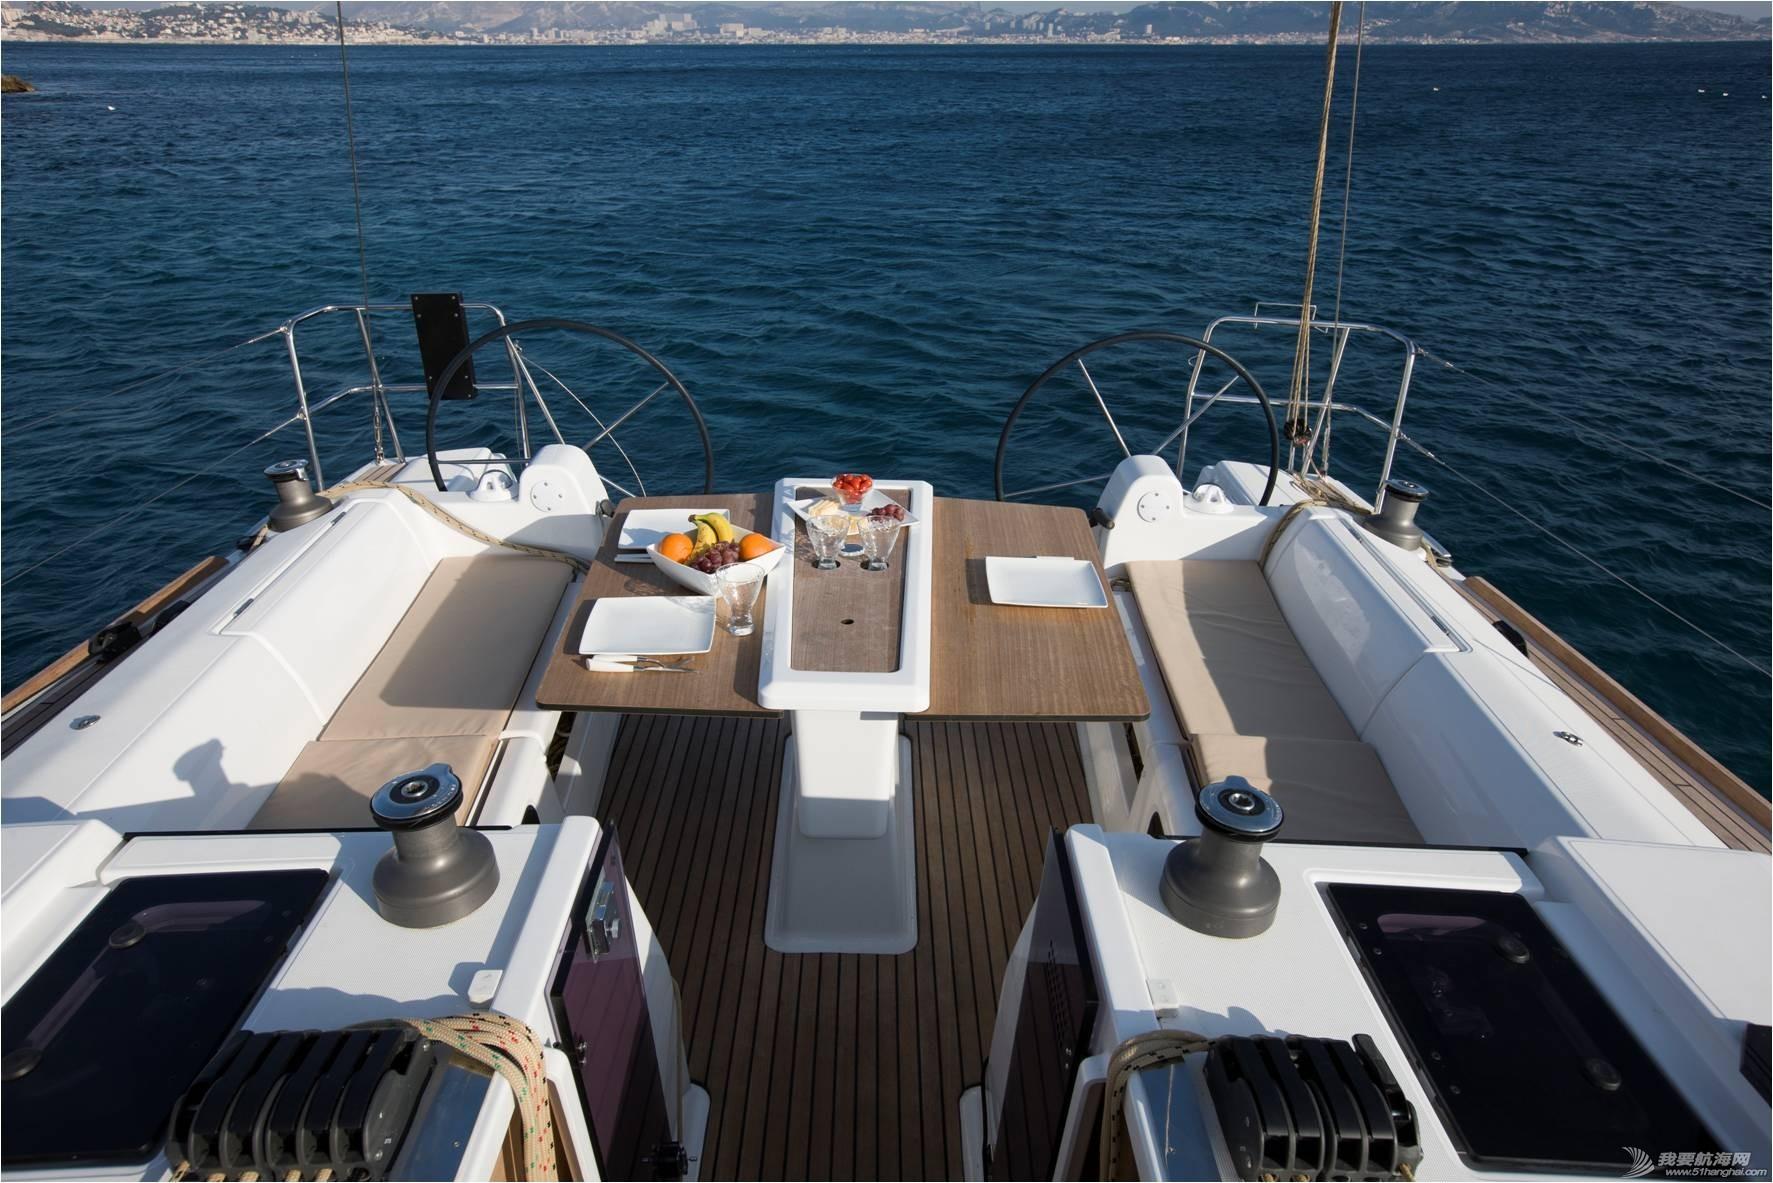 船东,成为,航海,帆船,欧洲 28万 您就可以成为她的船东  084157d2jfrpux5unafu5f